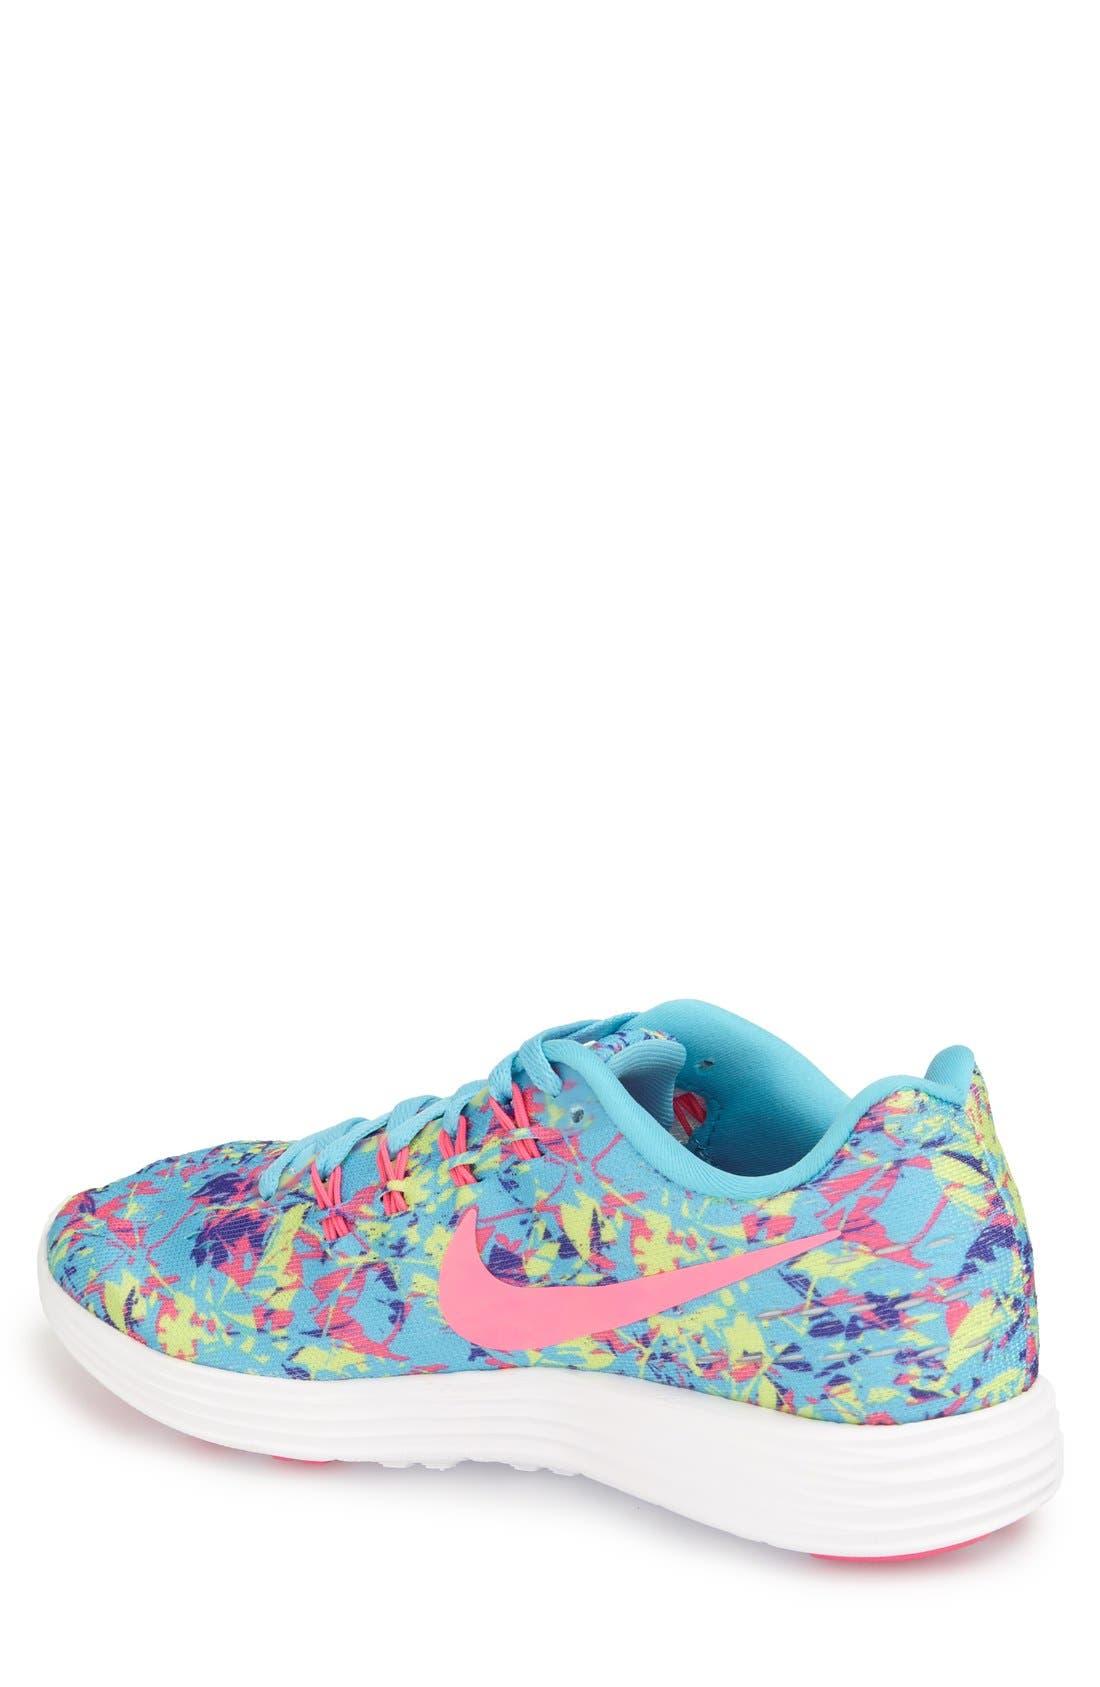 Alternate Image 2  - Nike 'LunarTempo 2' Print Running Shoe (Women)